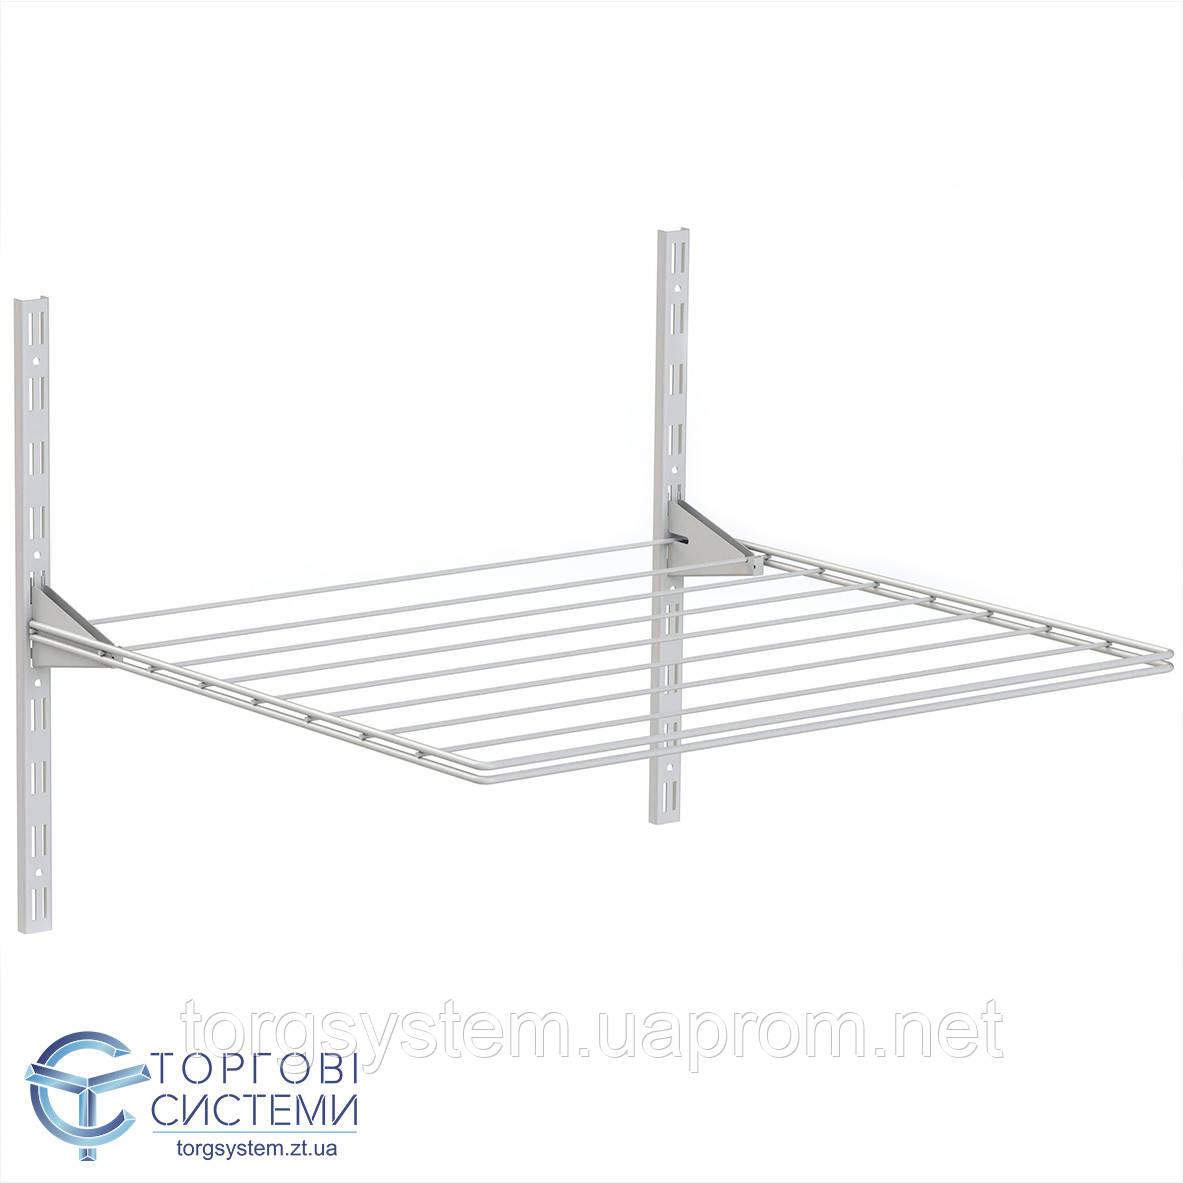 Сушка для белья металлическая в гардеробной системе 600мм